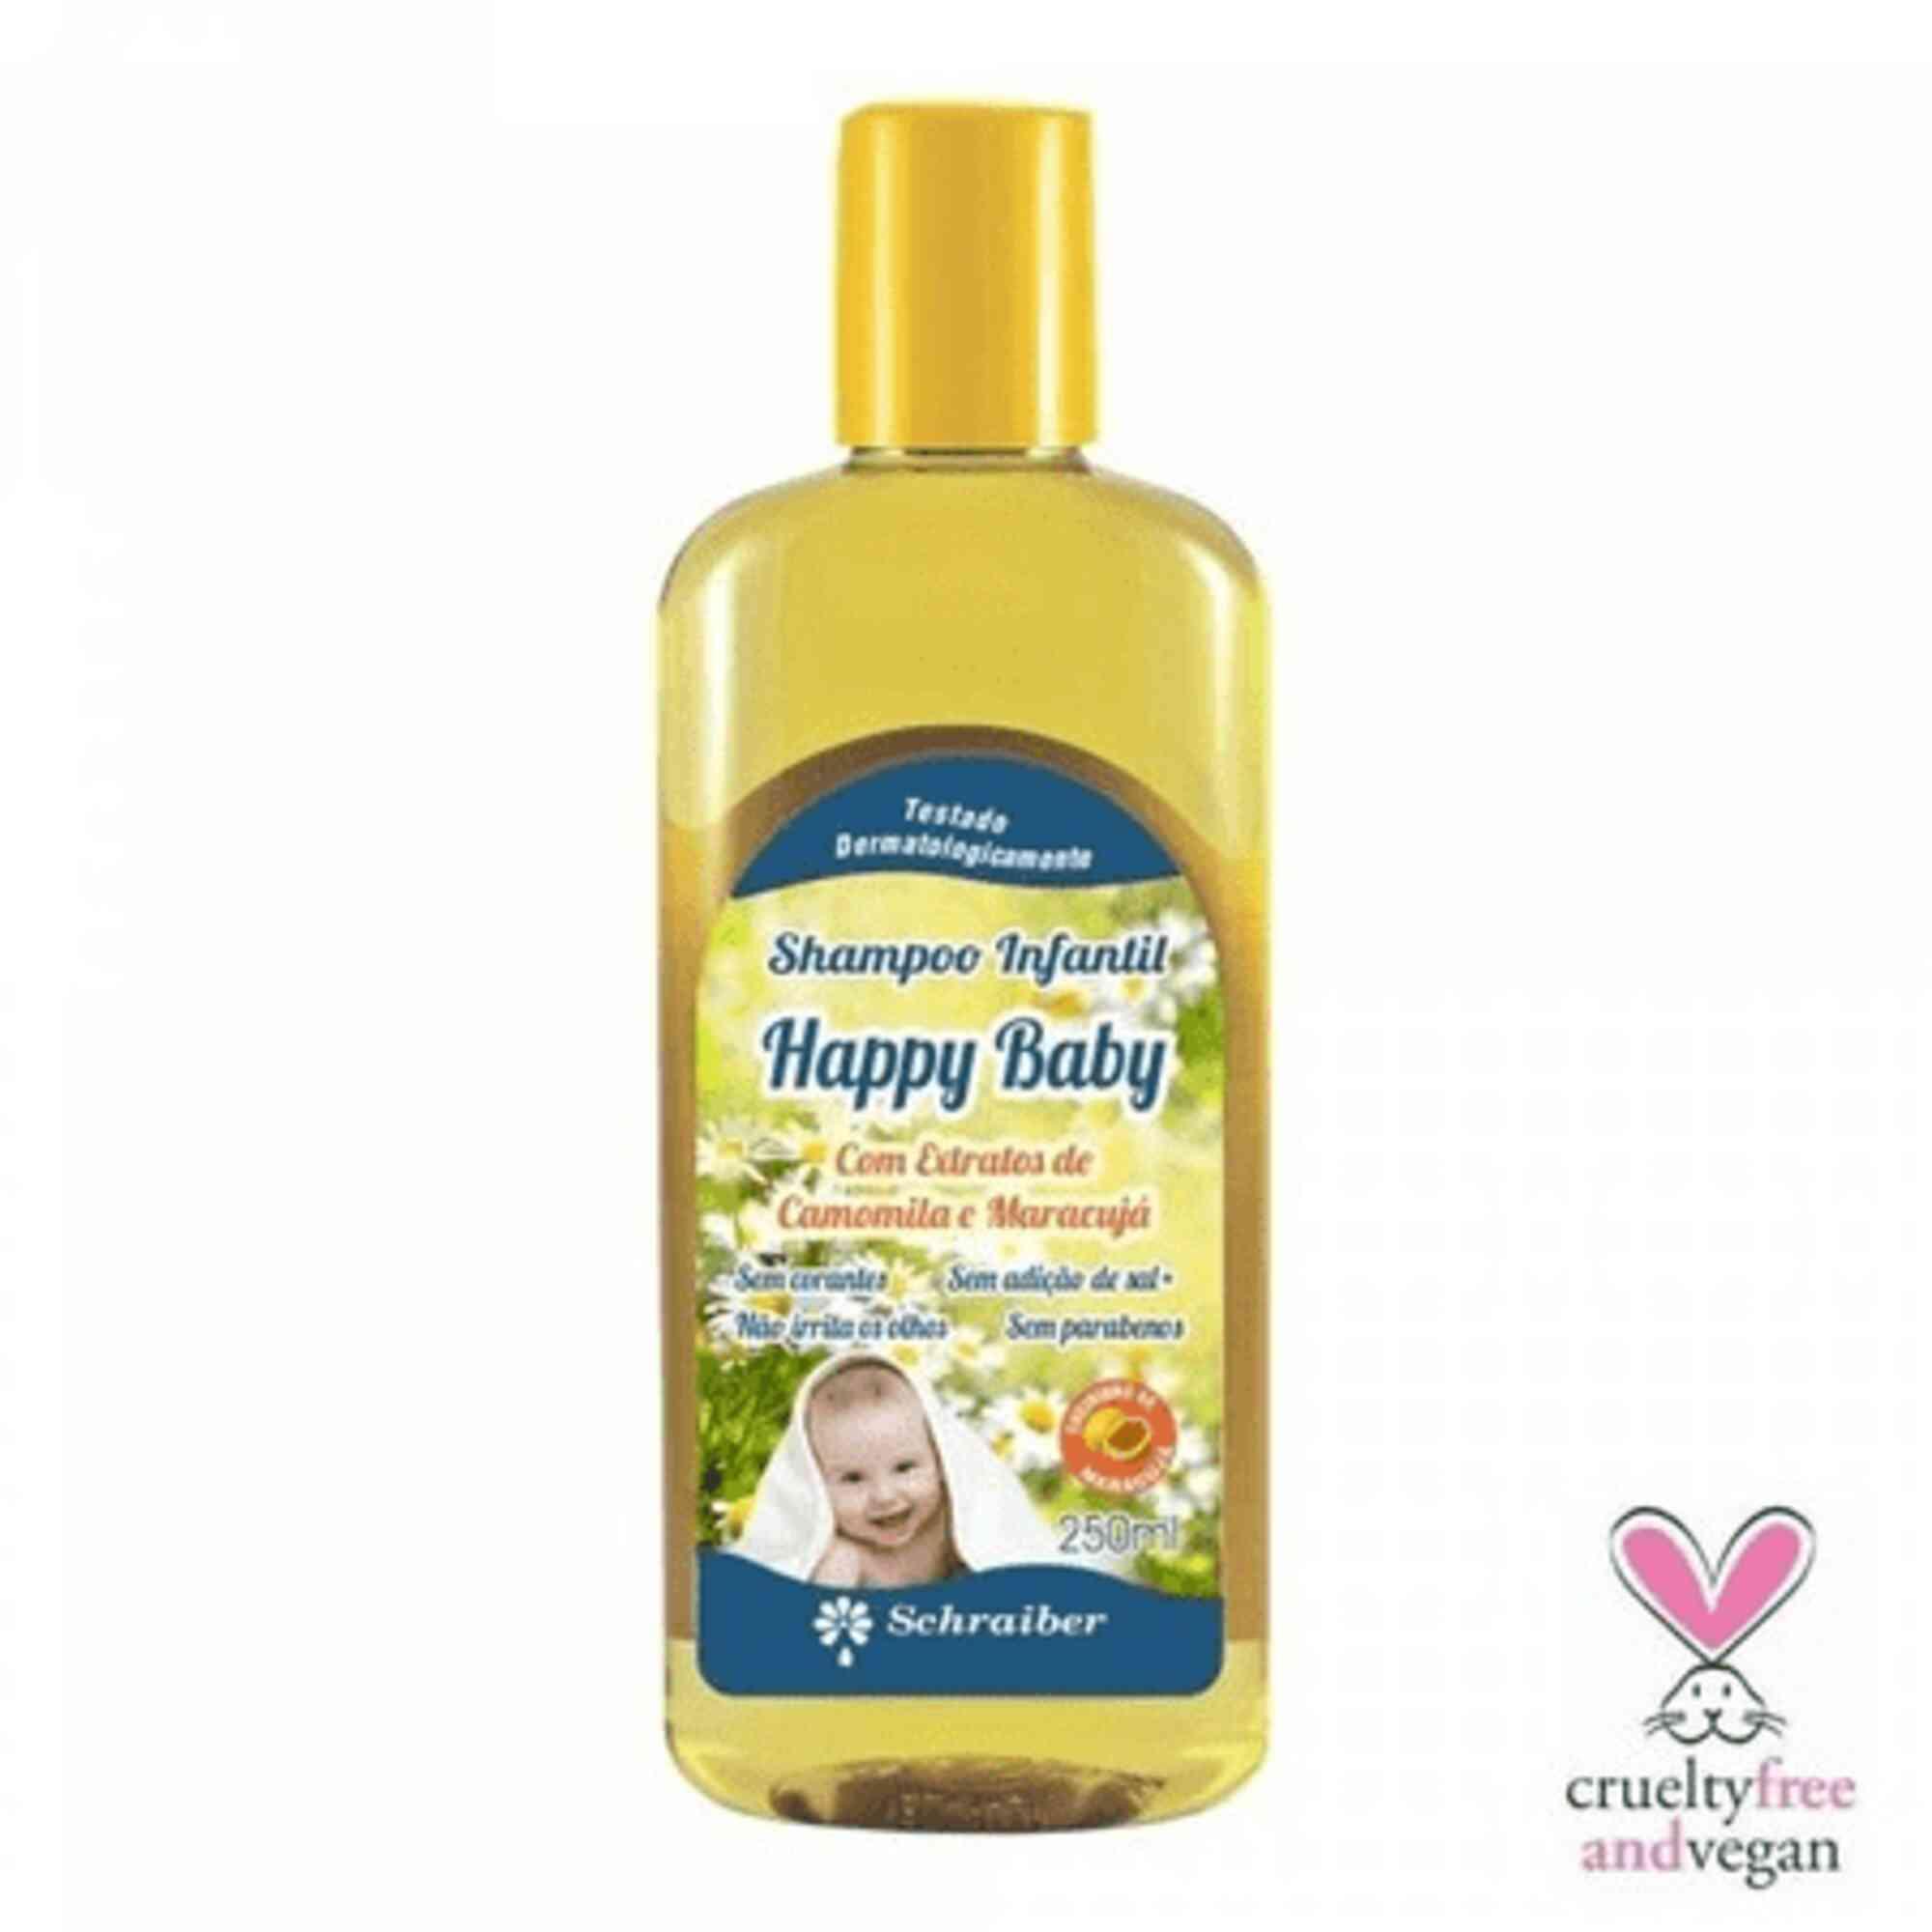 Shampoo Infantil Happy Baby 250mL Schraiber